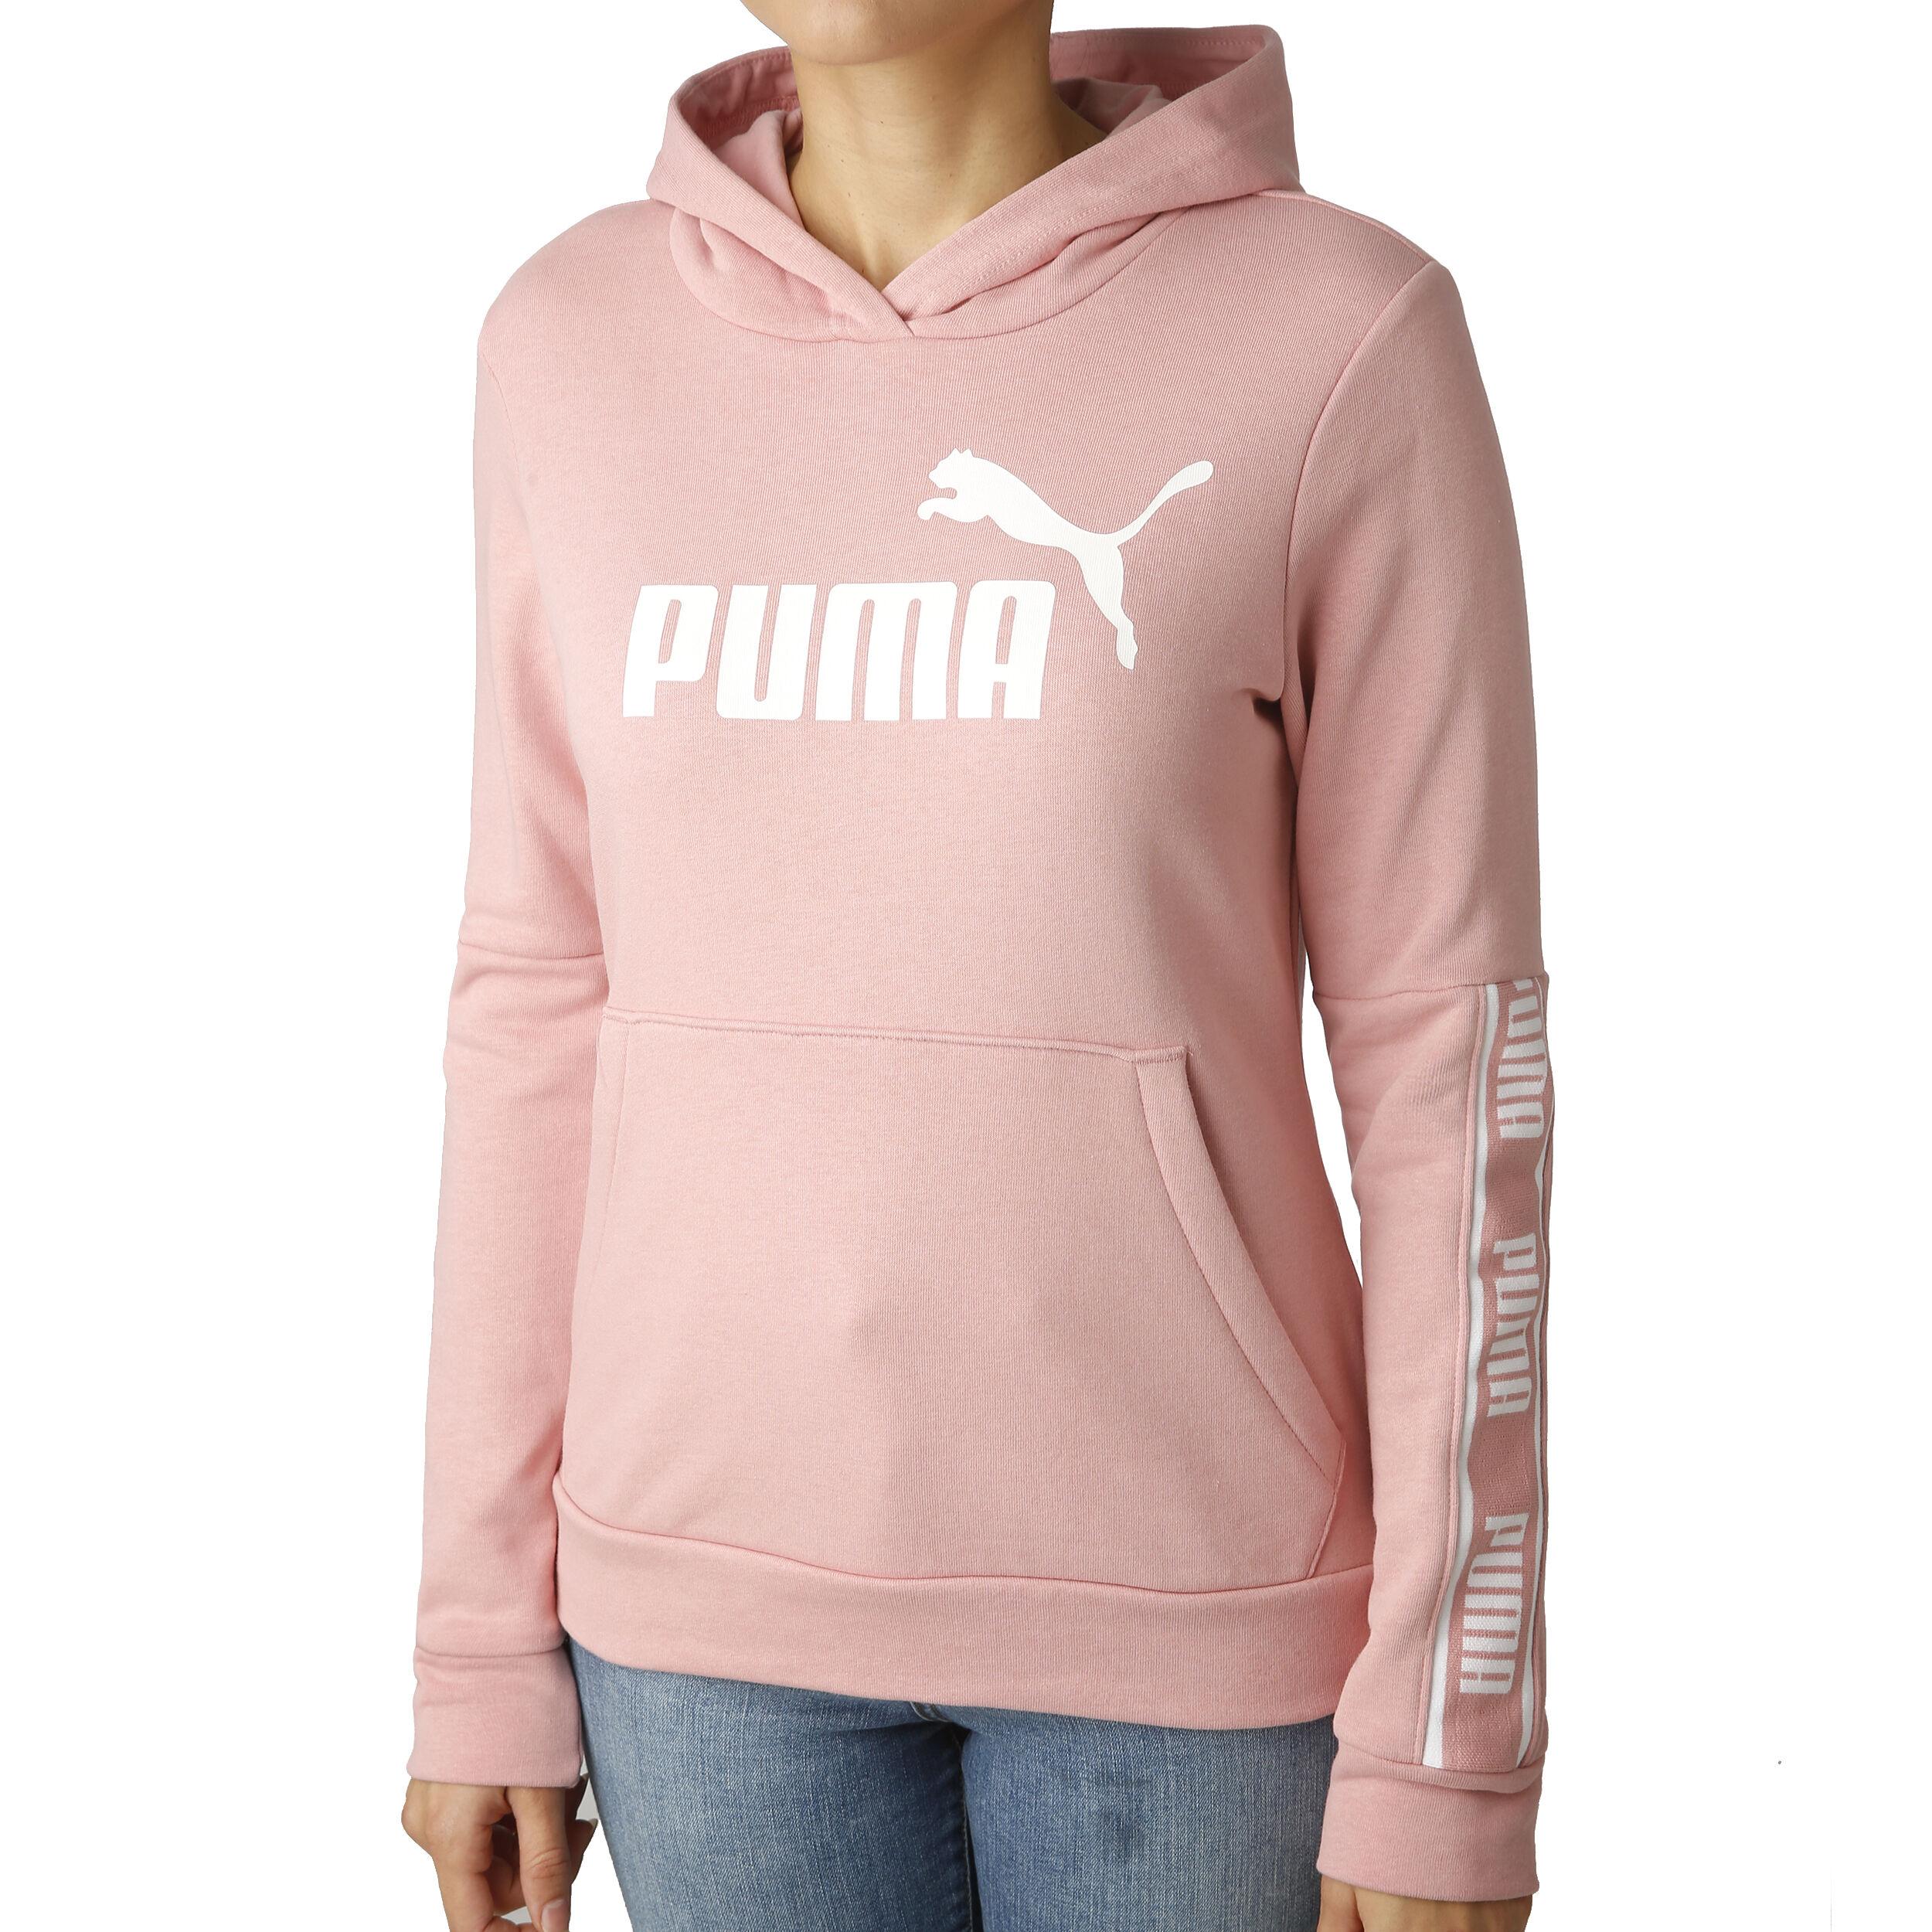 Puma Amplified Hoody Damen Rosa, Weiß online kaufen